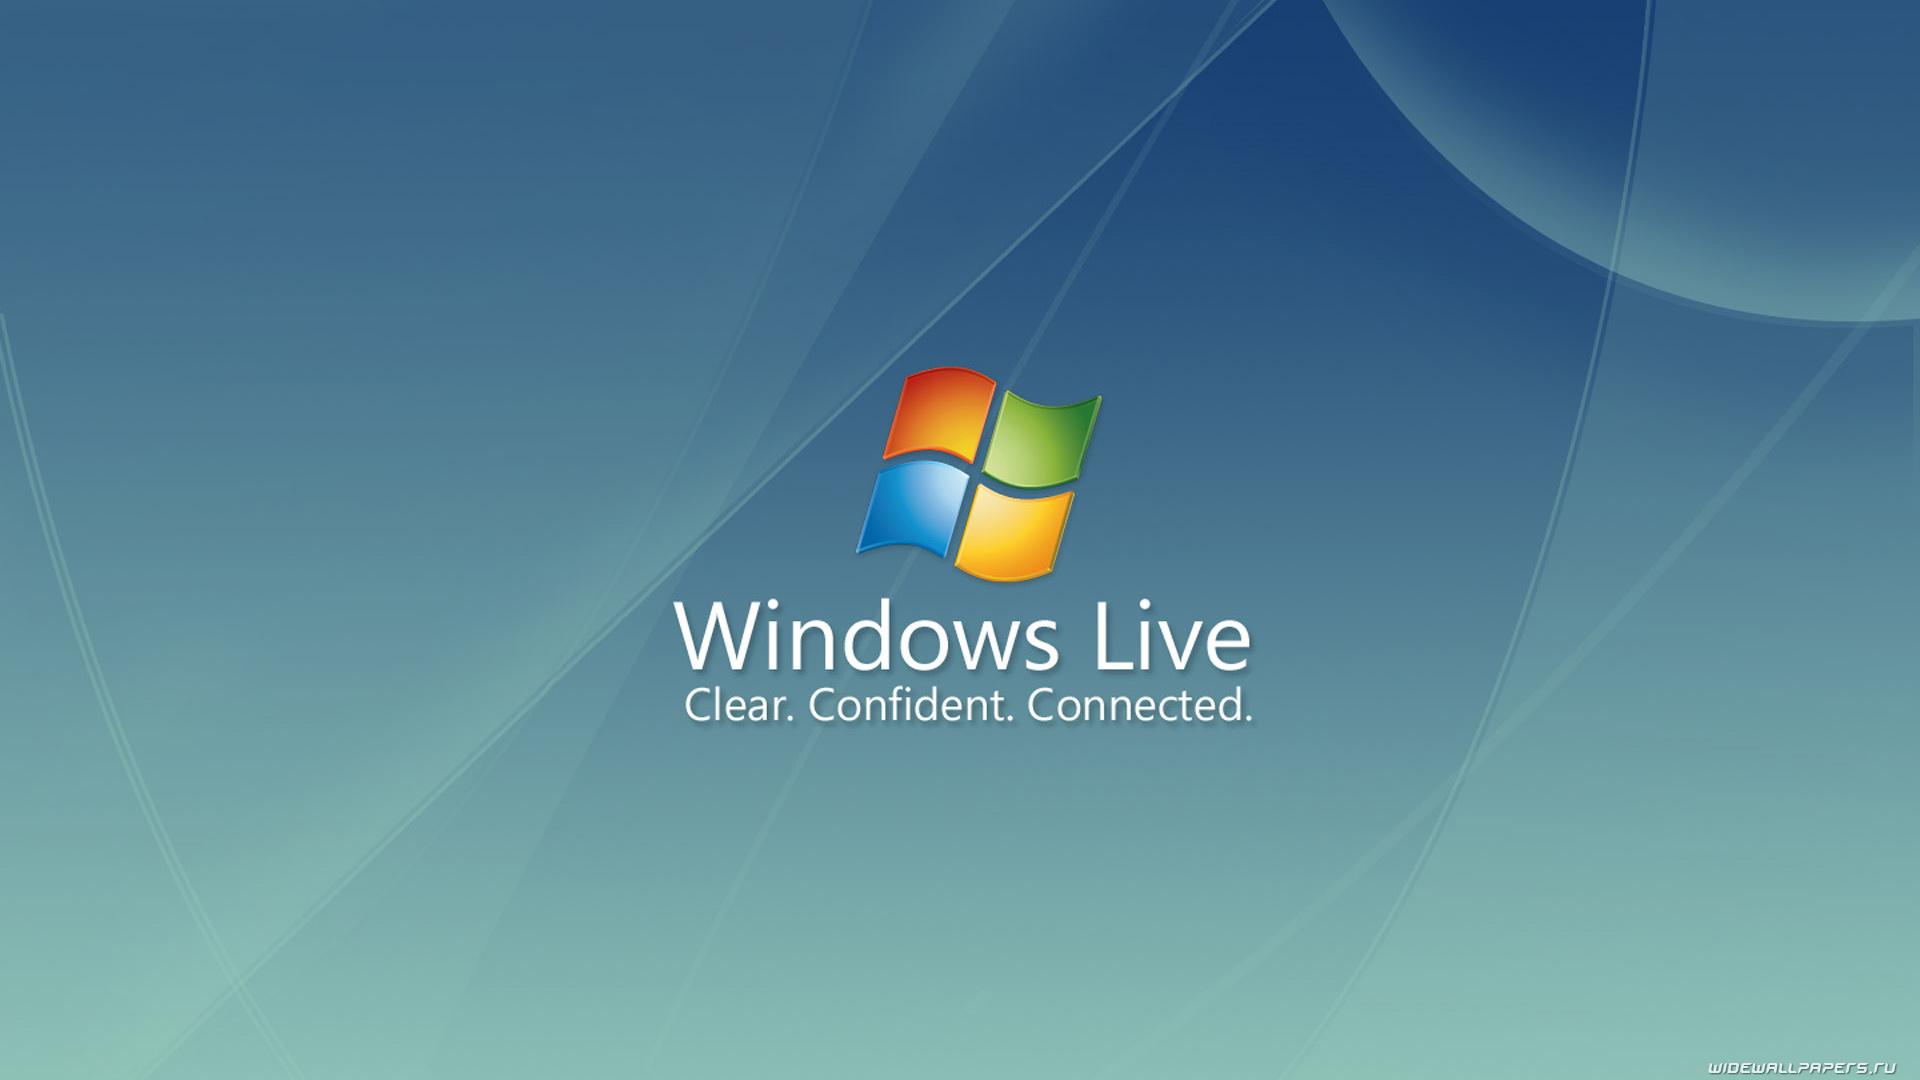 Windows Live Wallpapers HD Wallpaper of Windows   hdwallpaper2013com 1920x1080